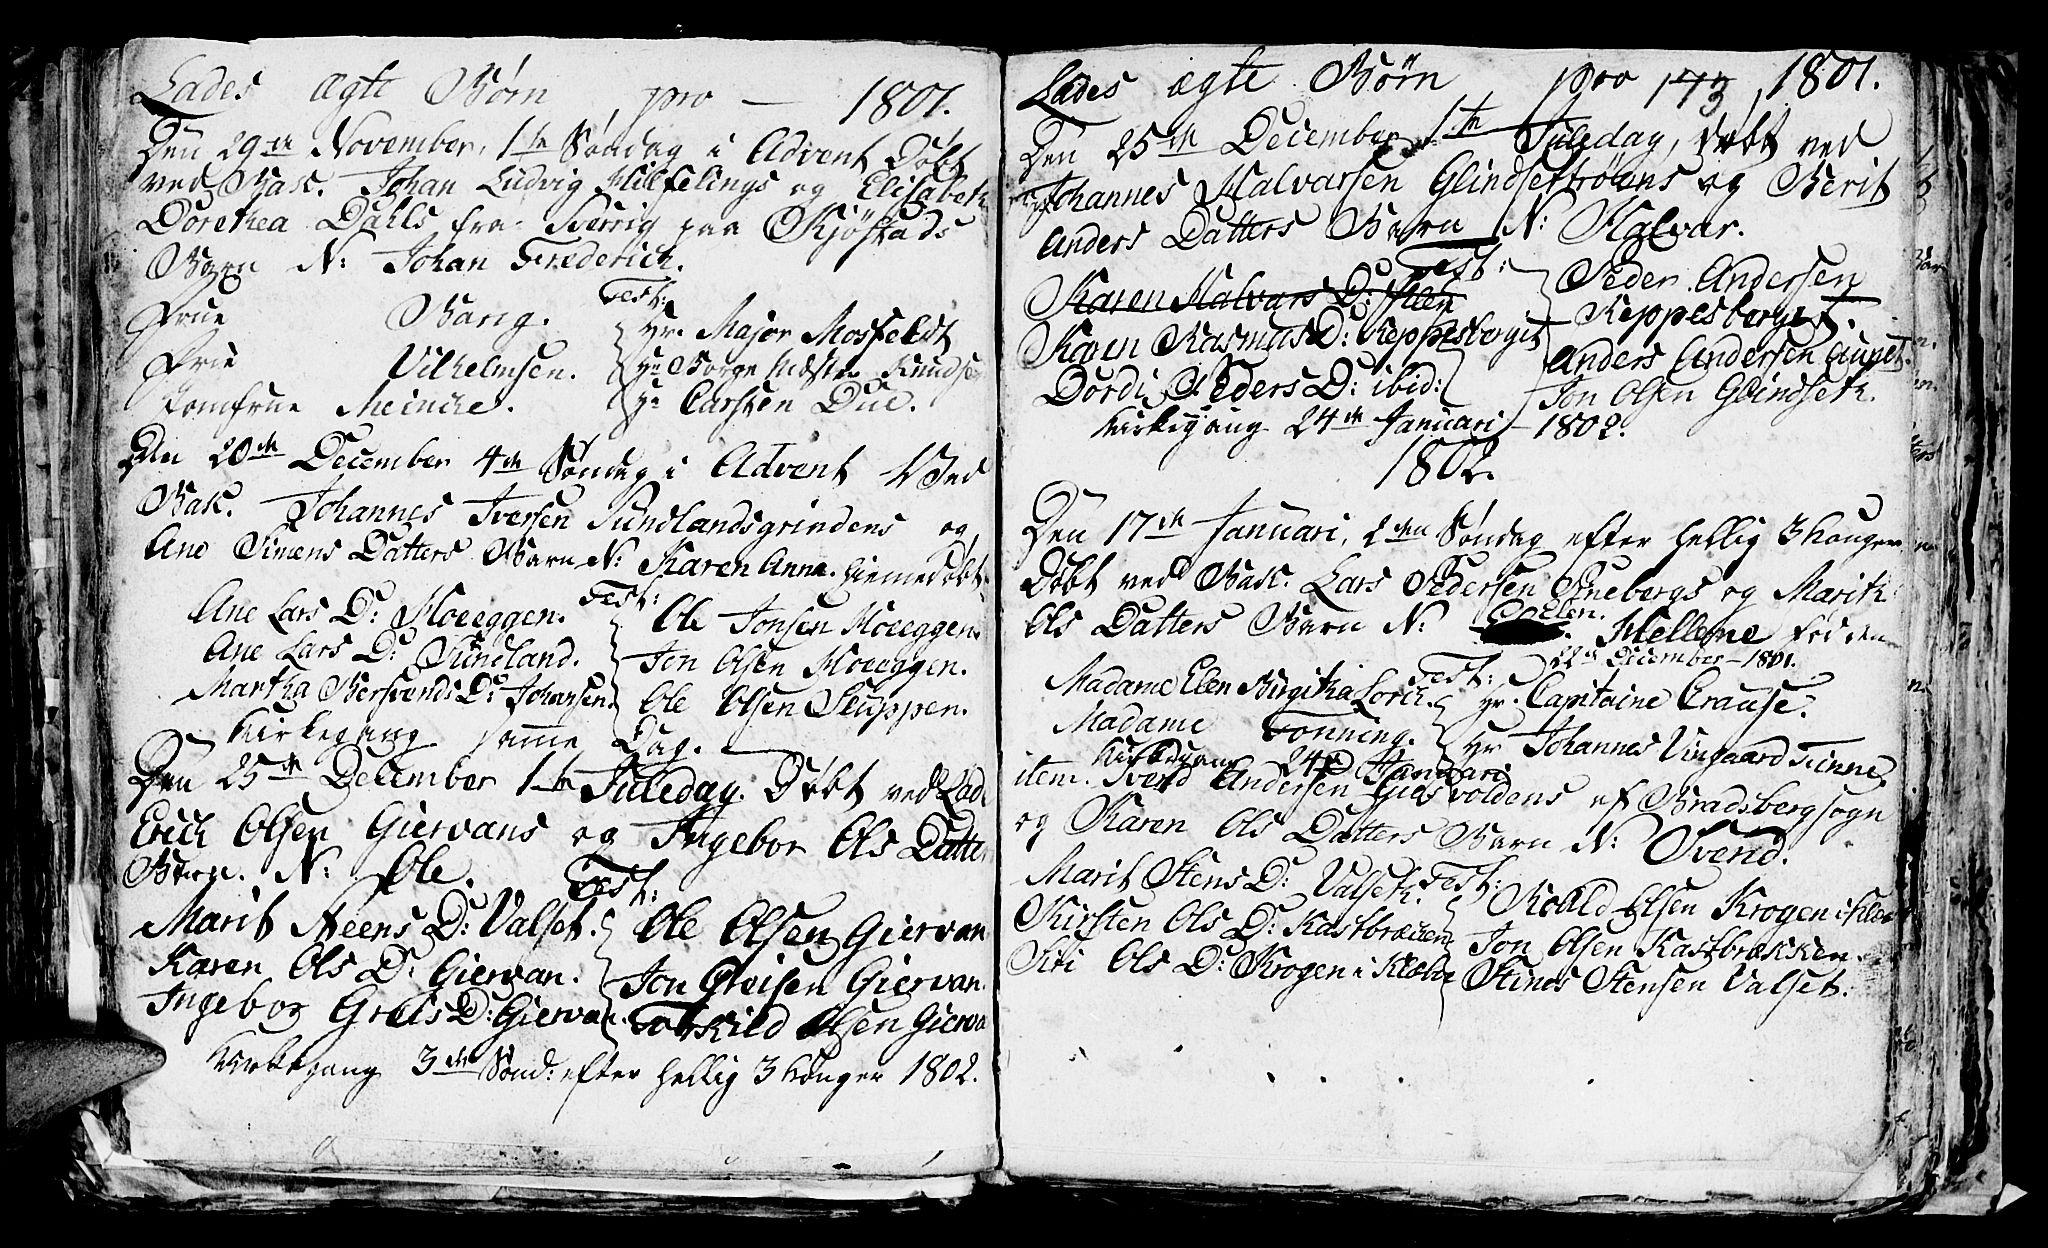 SAT, Ministerialprotokoller, klokkerbøker og fødselsregistre - Sør-Trøndelag, 606/L0305: Klokkerbok nr. 606C01, 1757-1819, s. 173